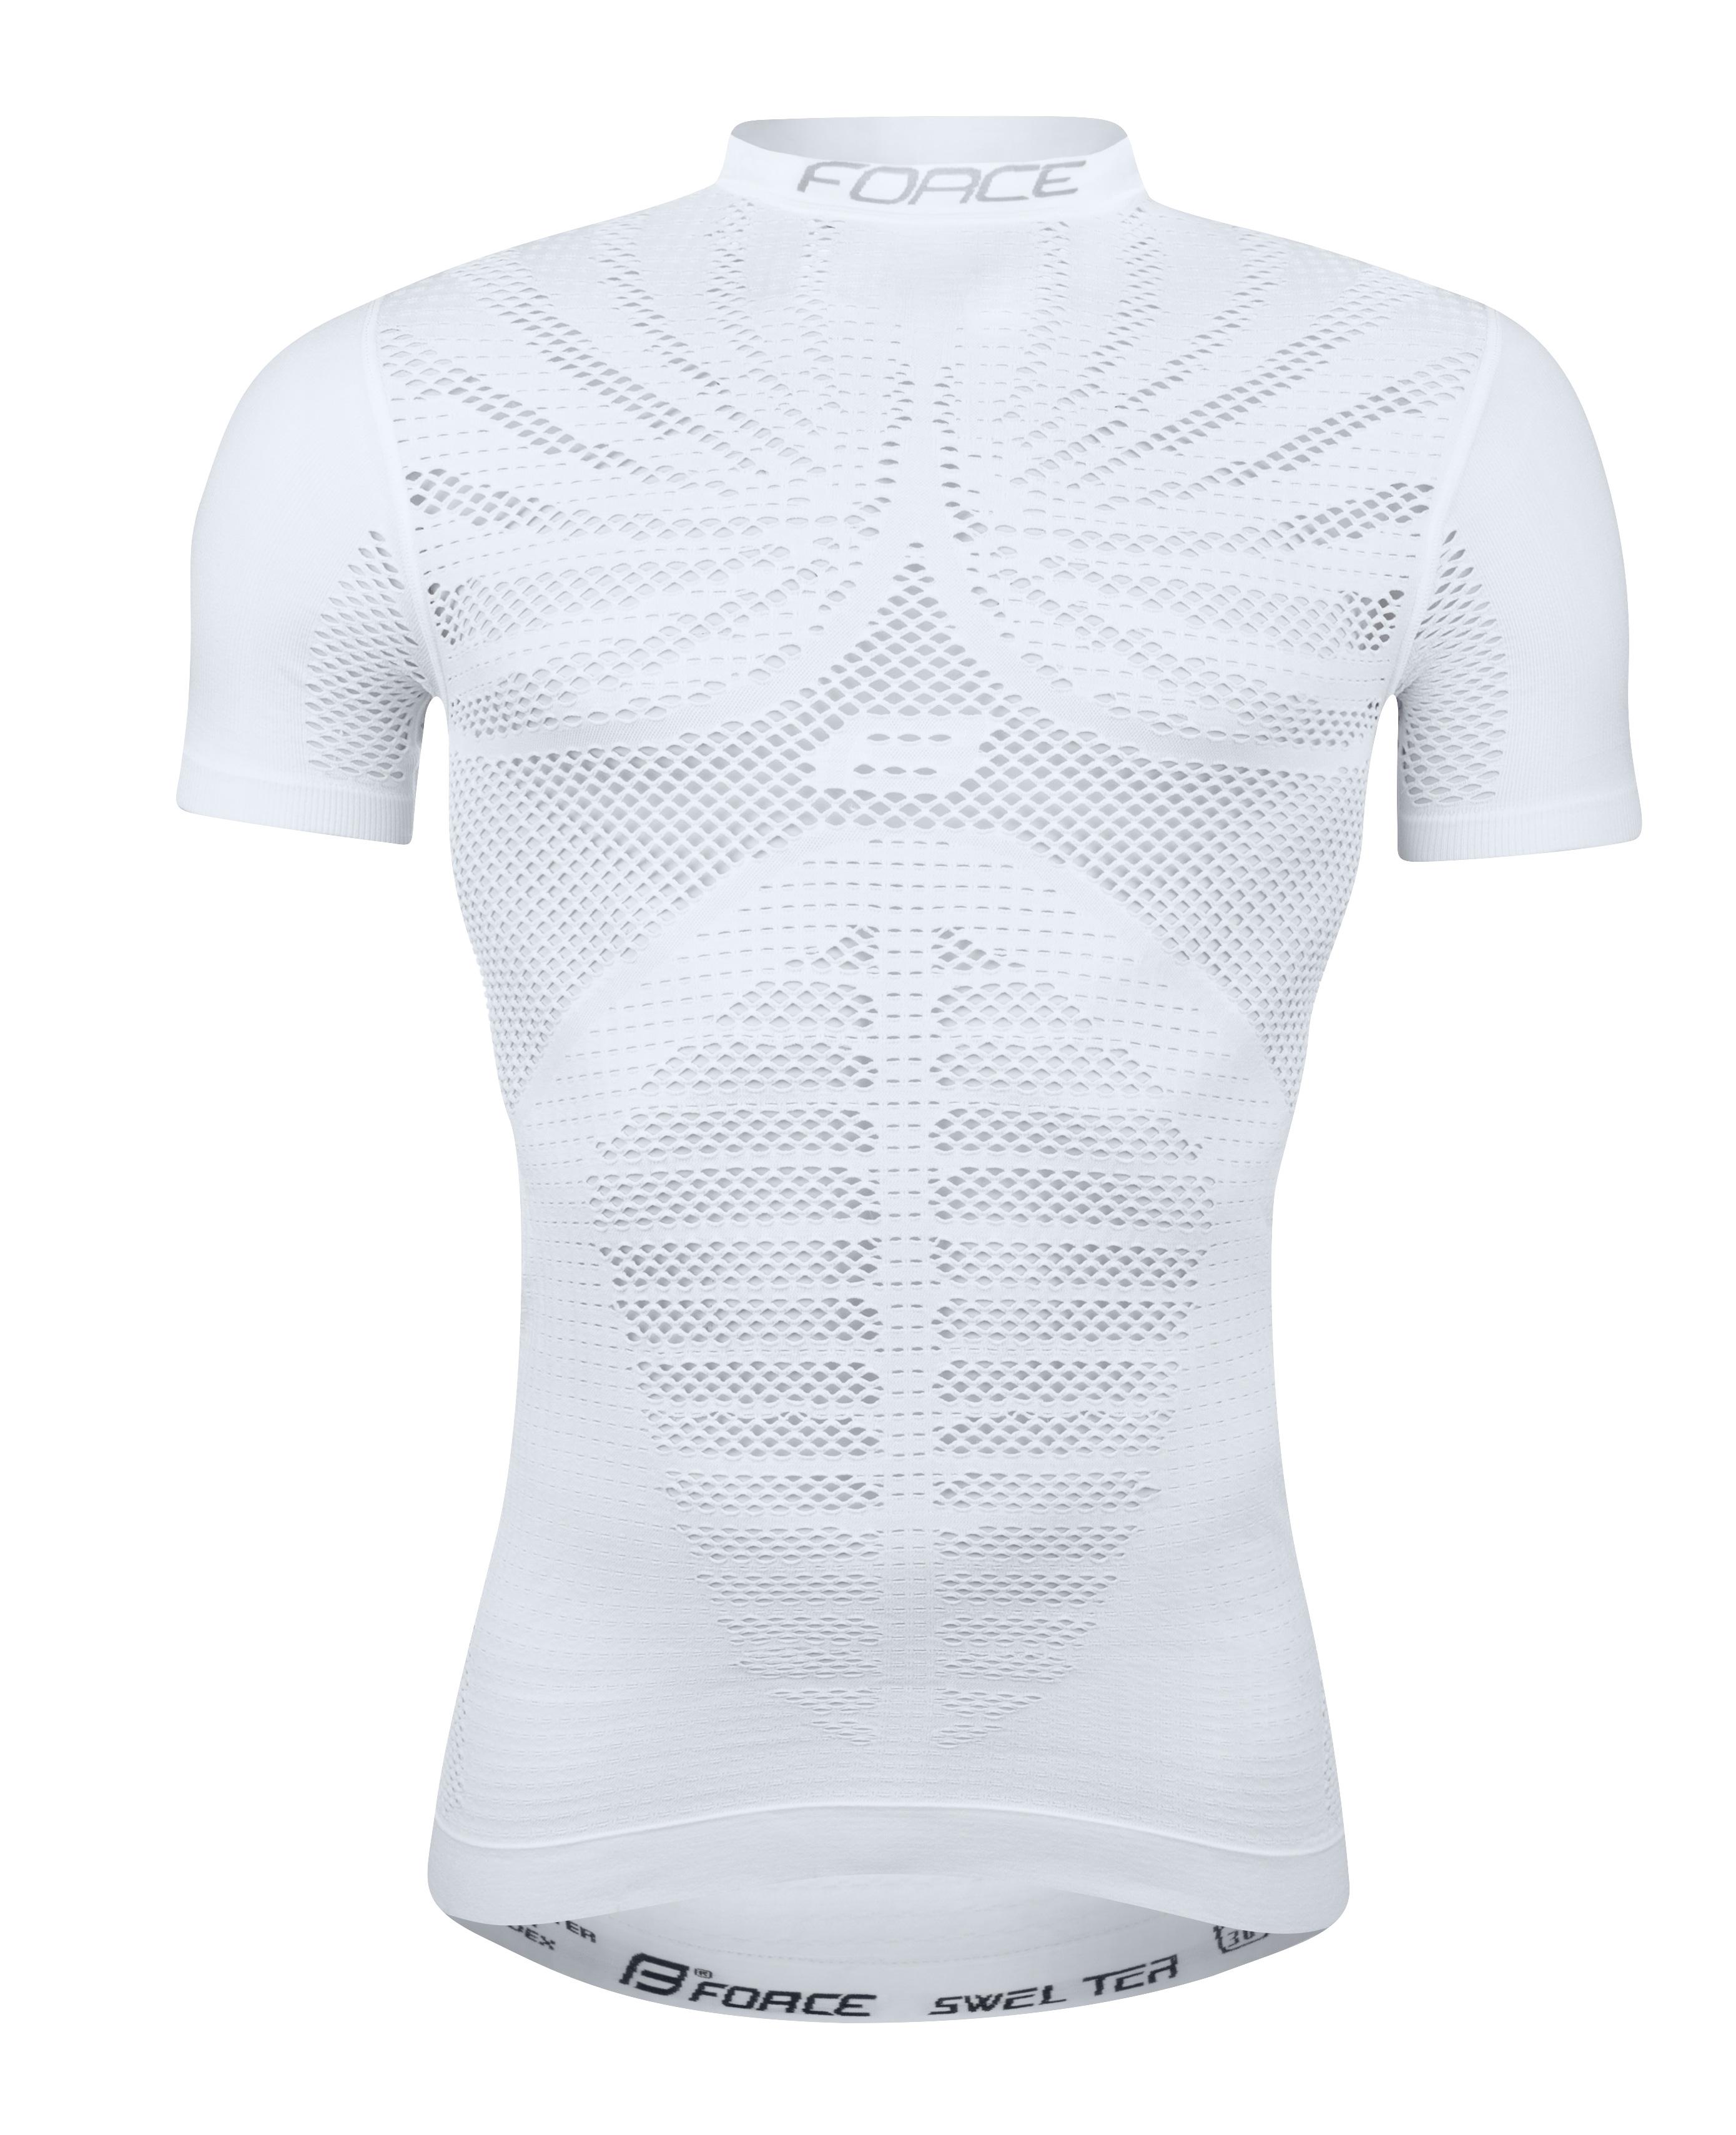 triko funkční FORCE SWELTER krátký rukáv, bílé M-L